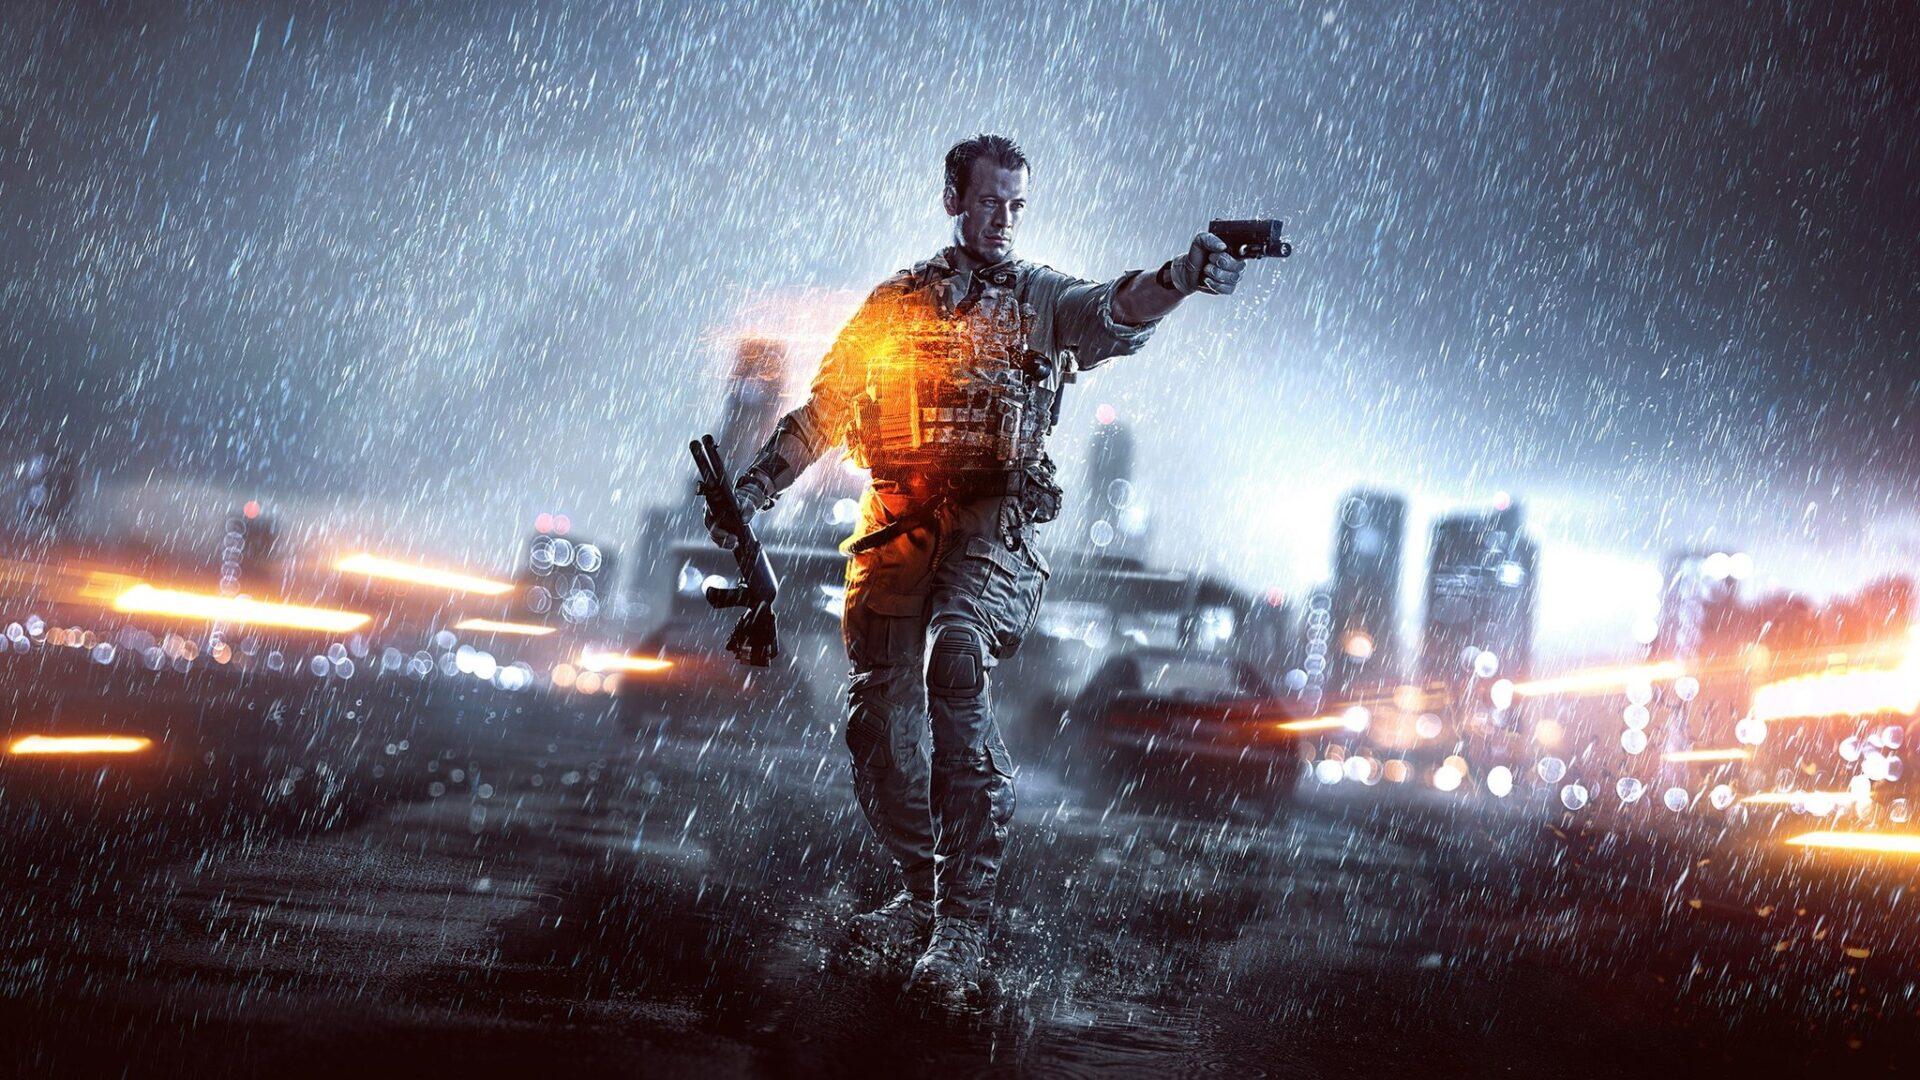 أحدث تسريبات Battlefield 6 تتحدث عن معارك ضخمة تشمل 128 لاعب